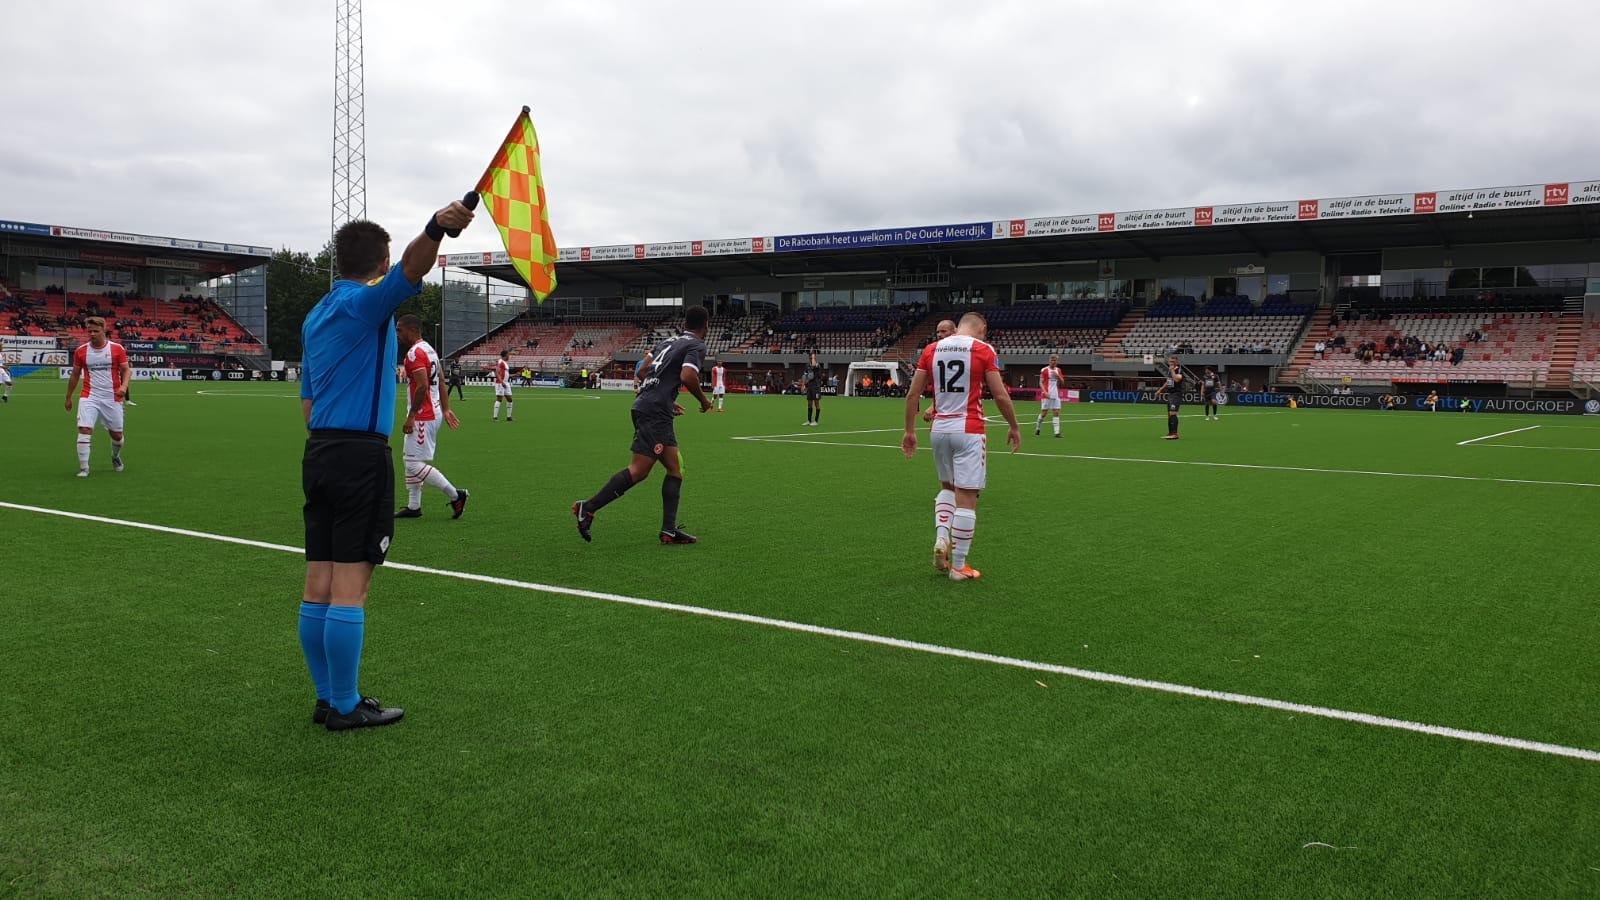 City speelt gelijk tegen Eredivisionist Emmen